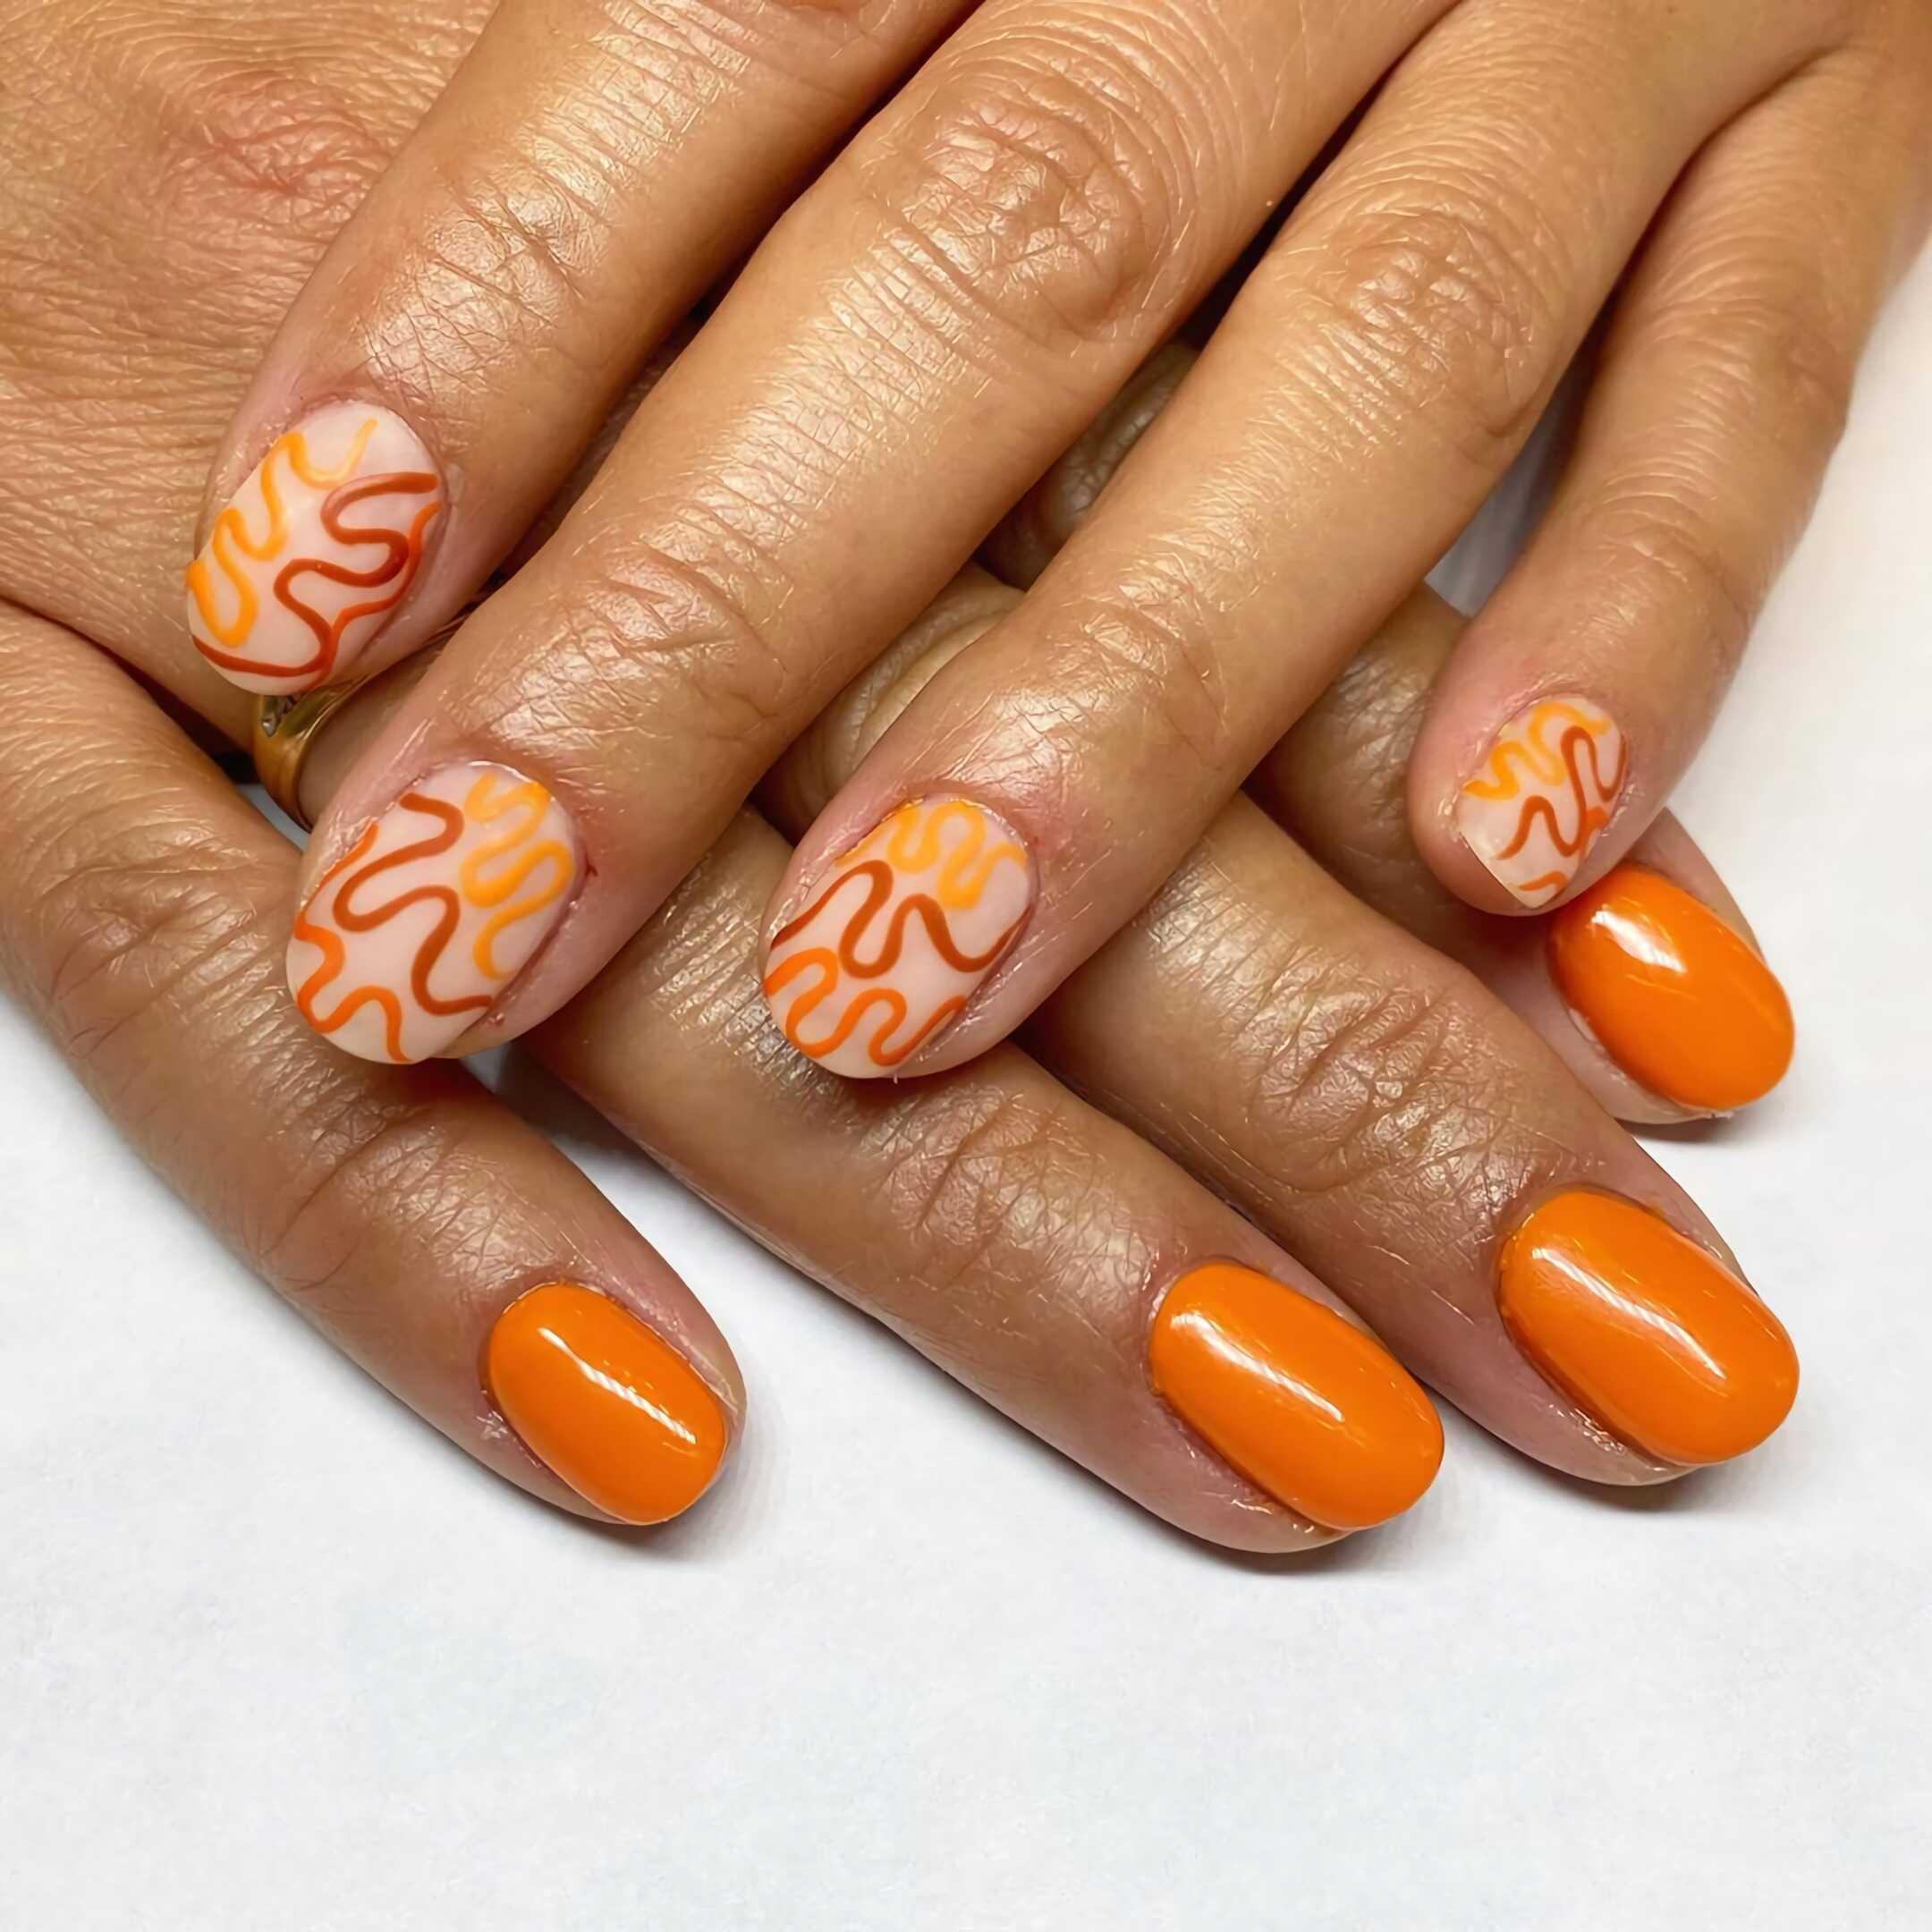 короткие ногти с цветом апельсина